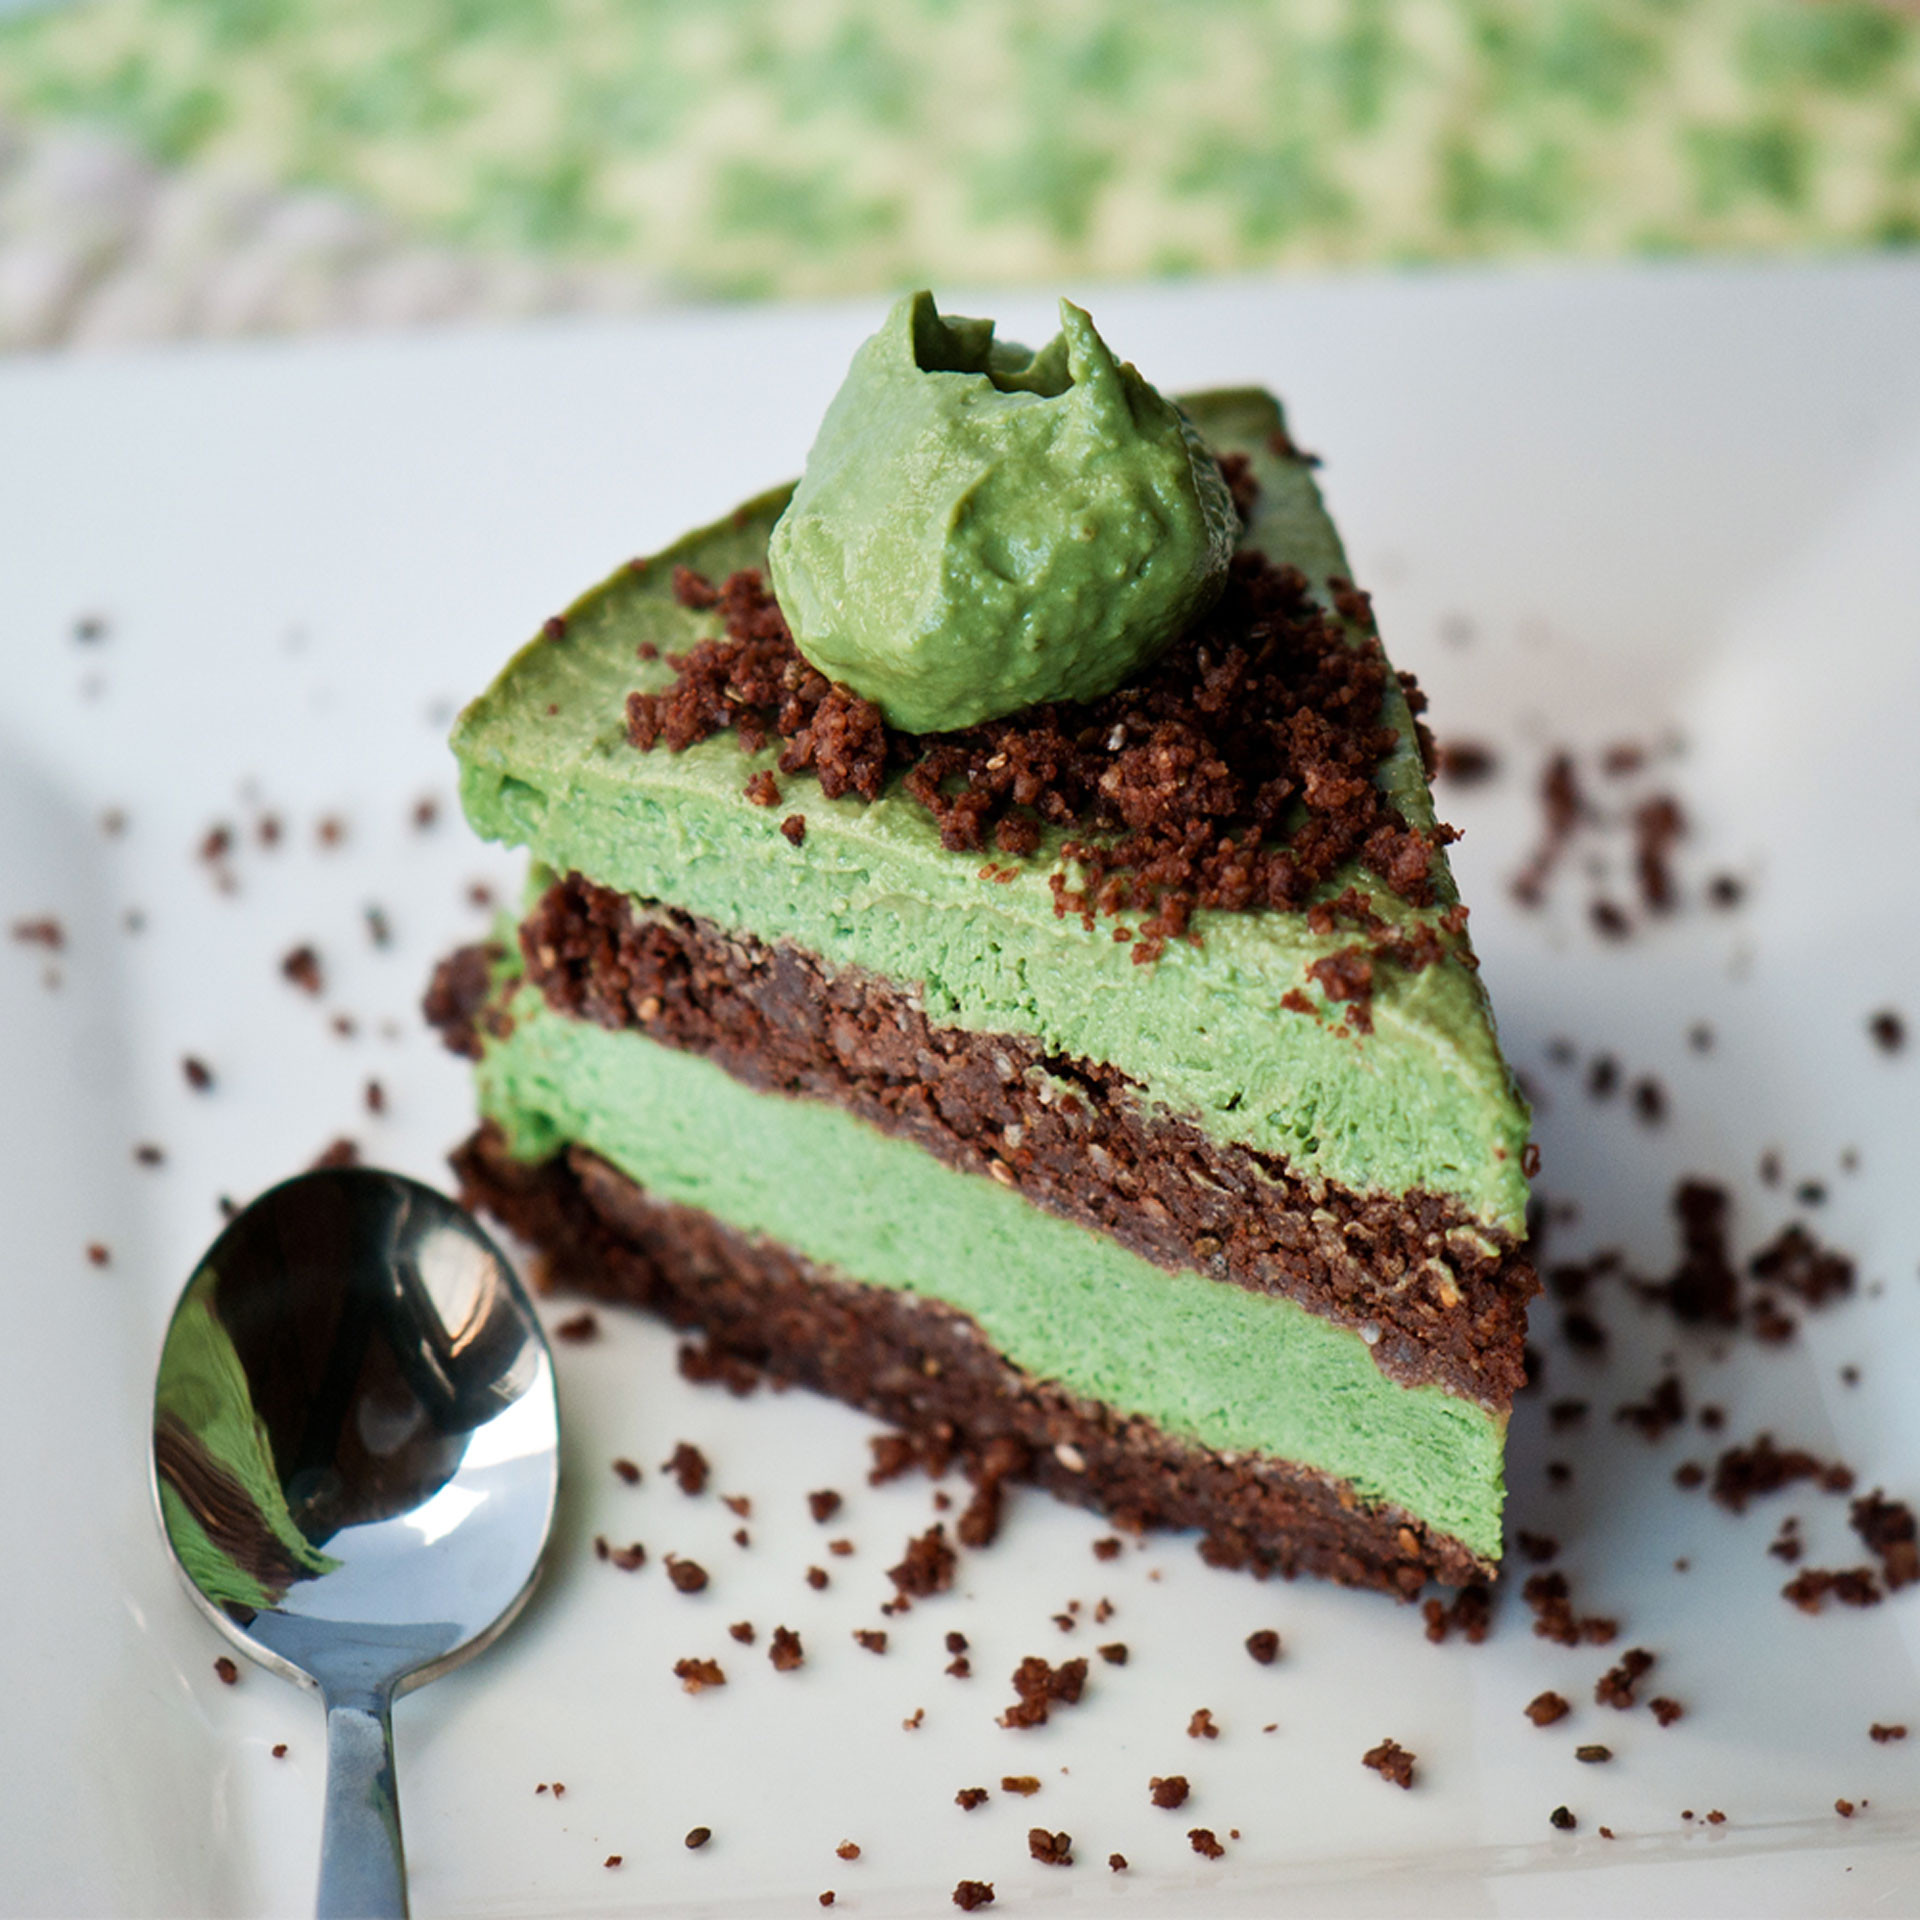 Recipe For Healthy Desserts  Avocado Dessert Recipes Healthy Desserts Made with Avocado